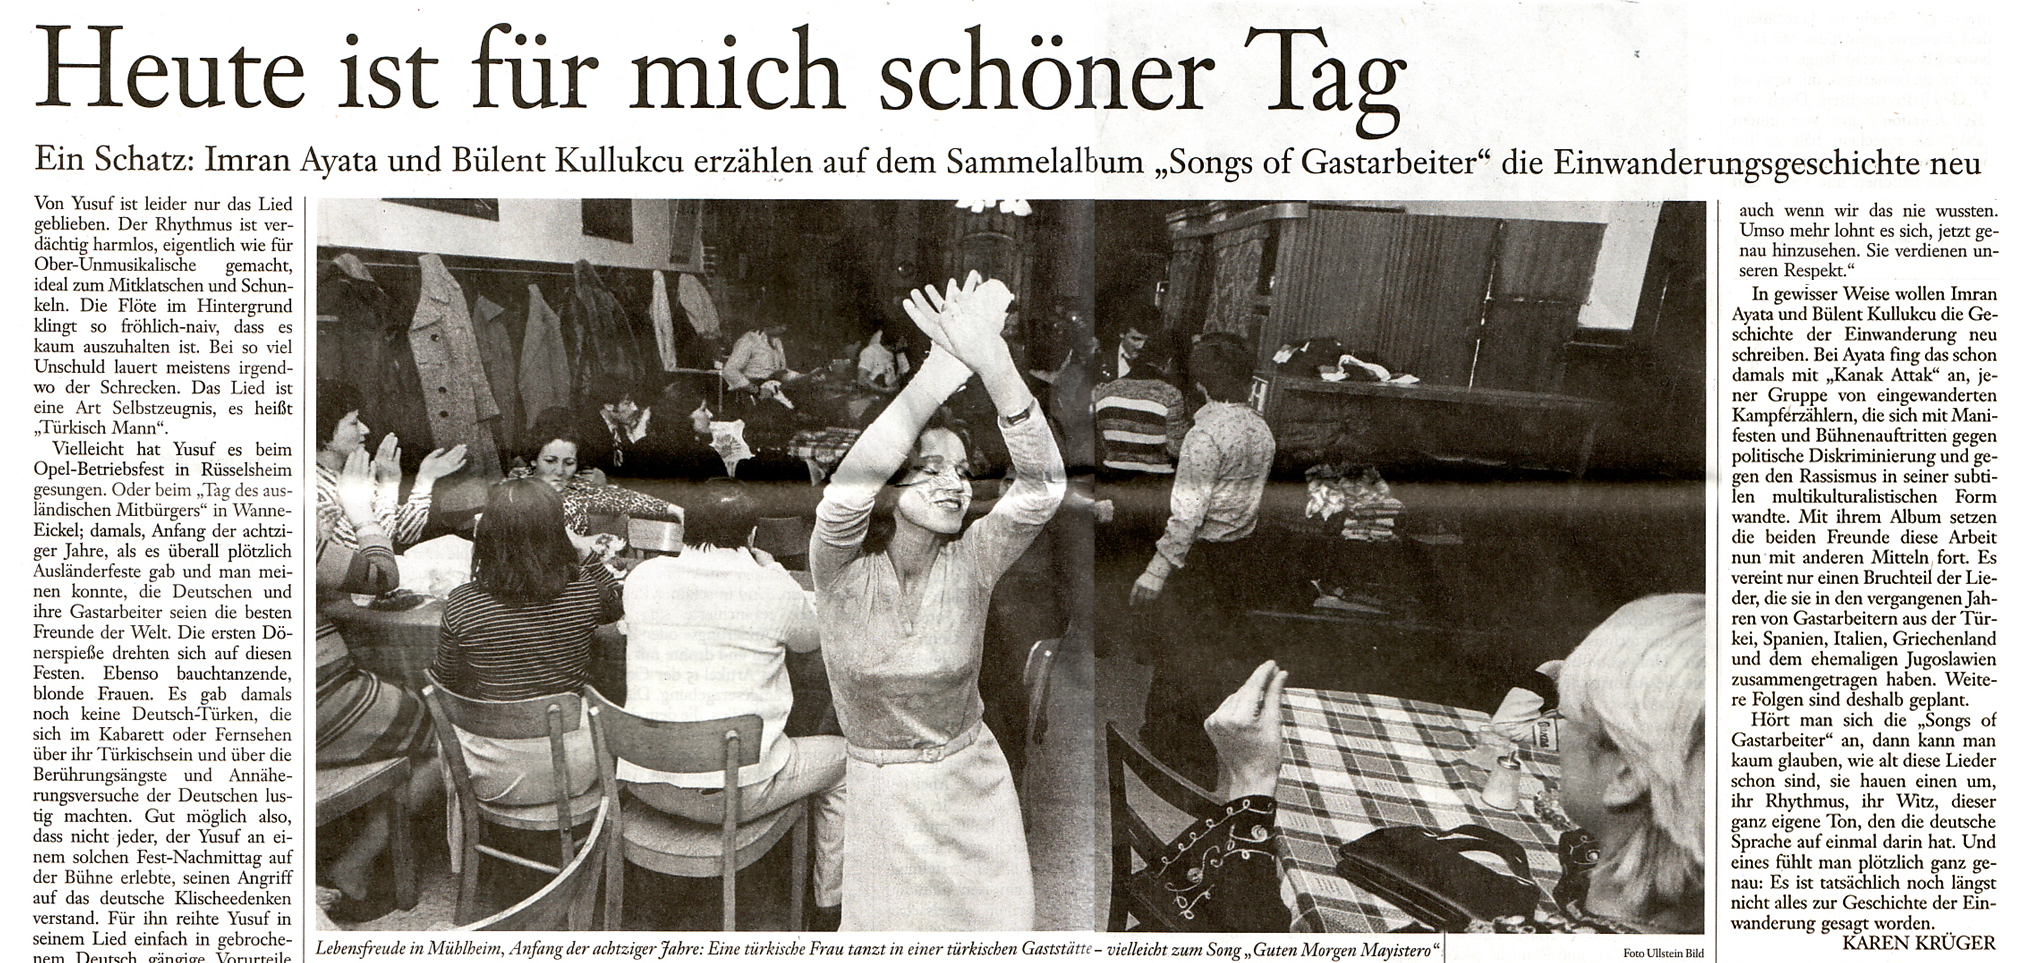 Heute Ist Für Mich Schöner Tag Frankfurter Allgemeine